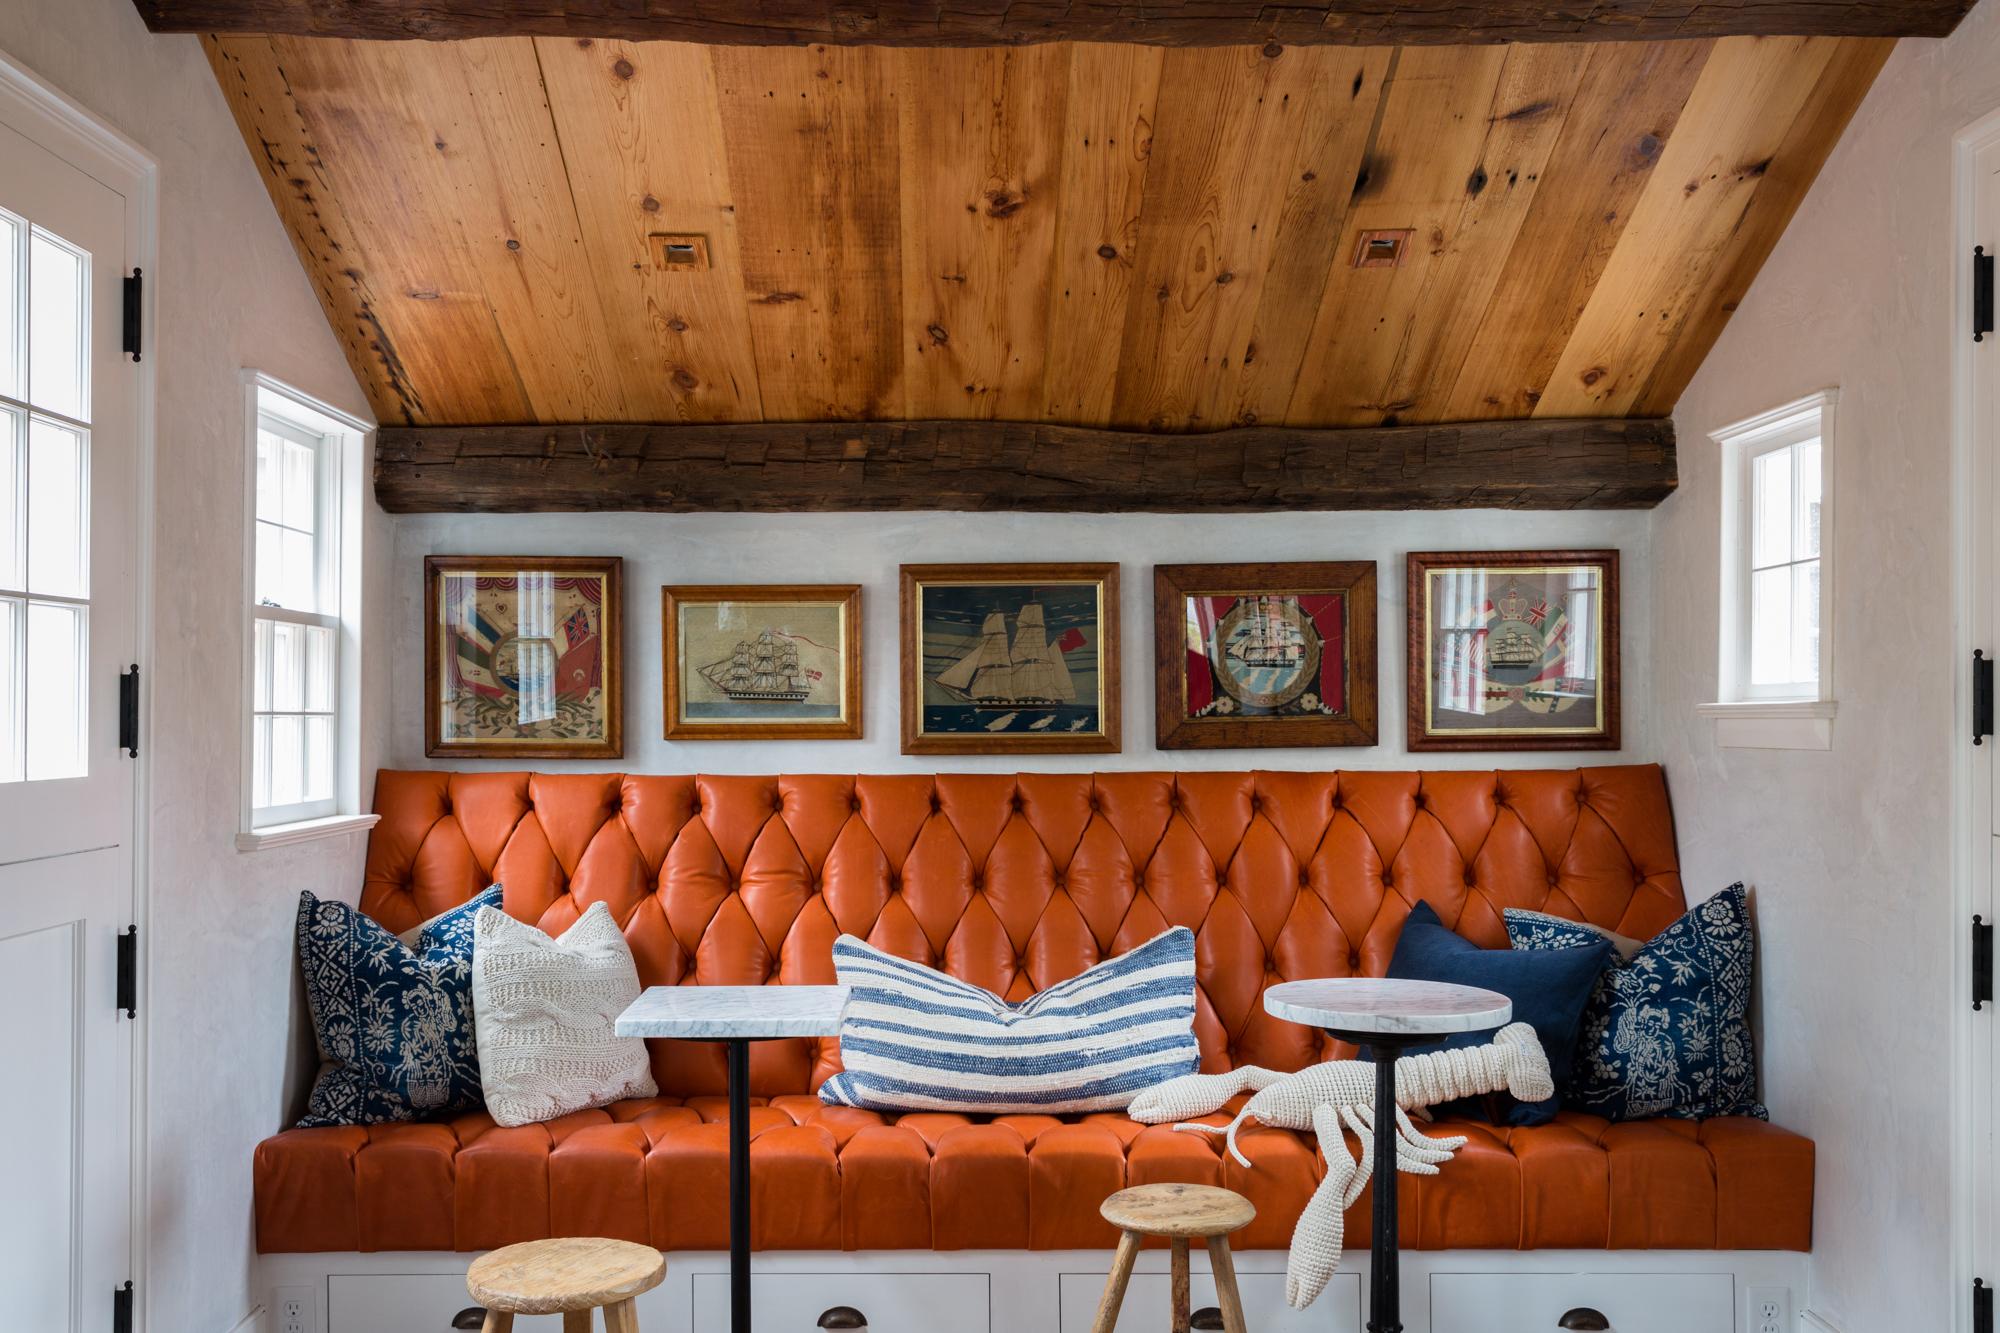 Interiors for website-45.jpg